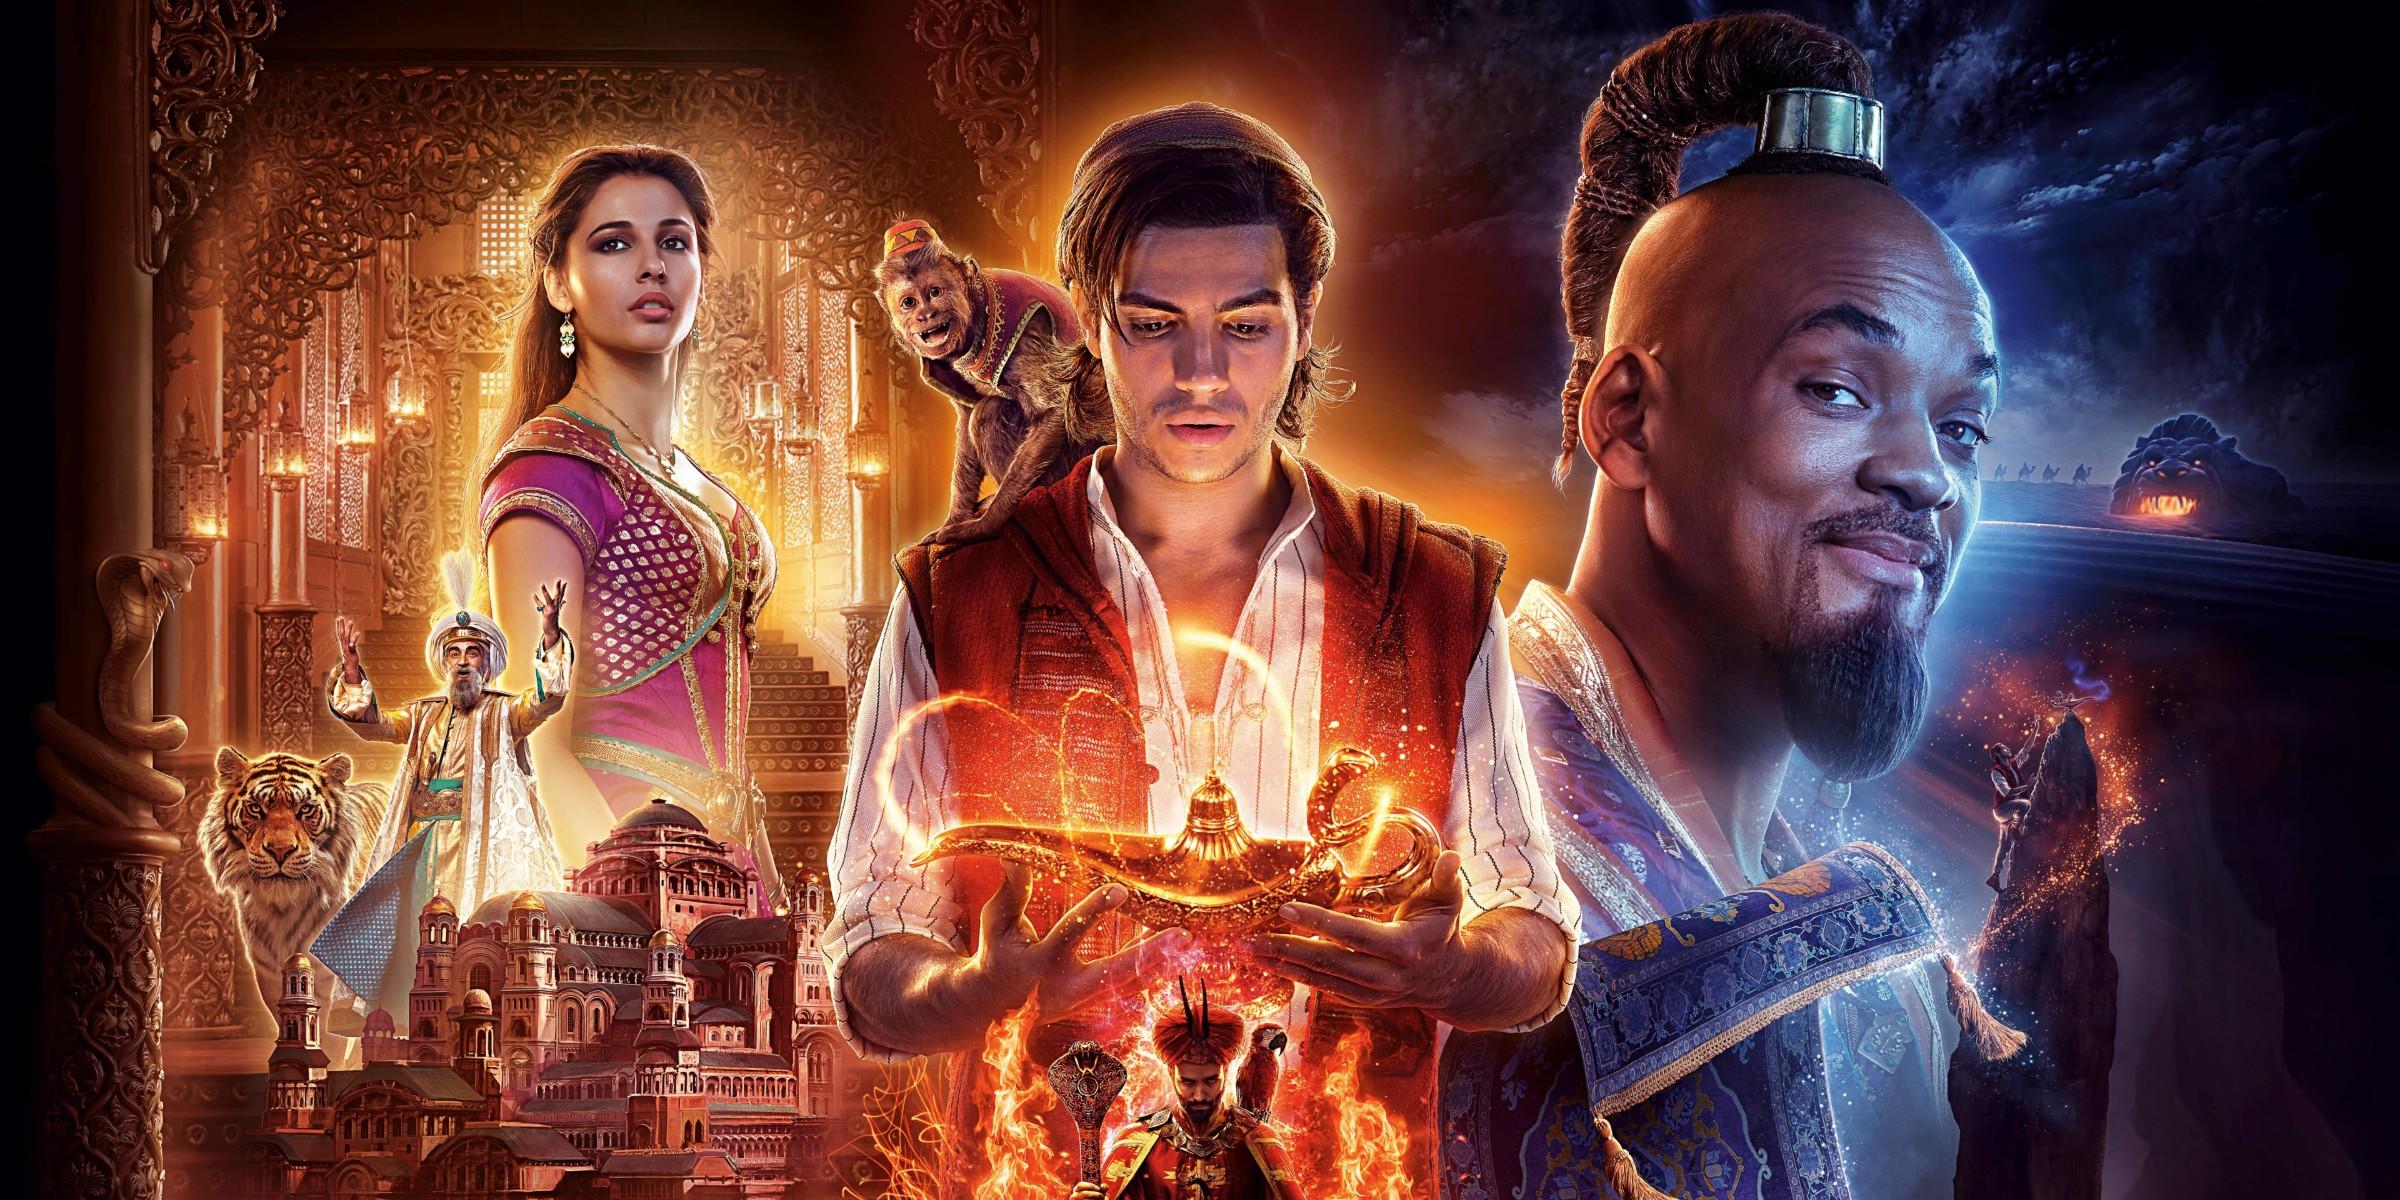 Aladdin-2019-123freemovies